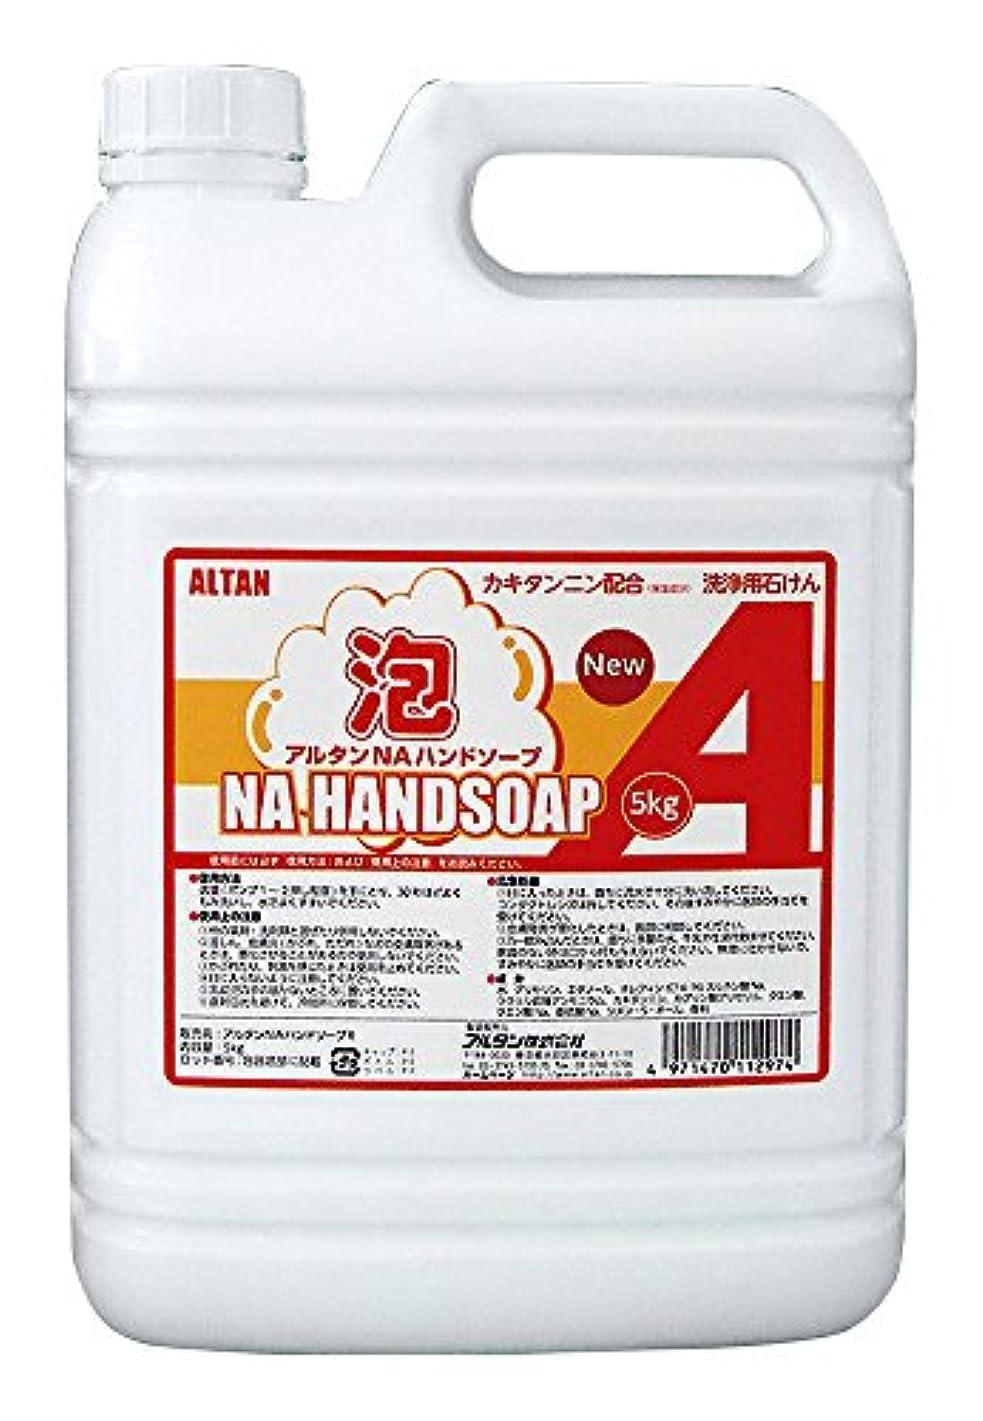 コンピューターゲームをプレイする弱まる宅配便ALTAN 洗浄用石けん アルタンNA ハンドソープ 泡タイプ 5kg